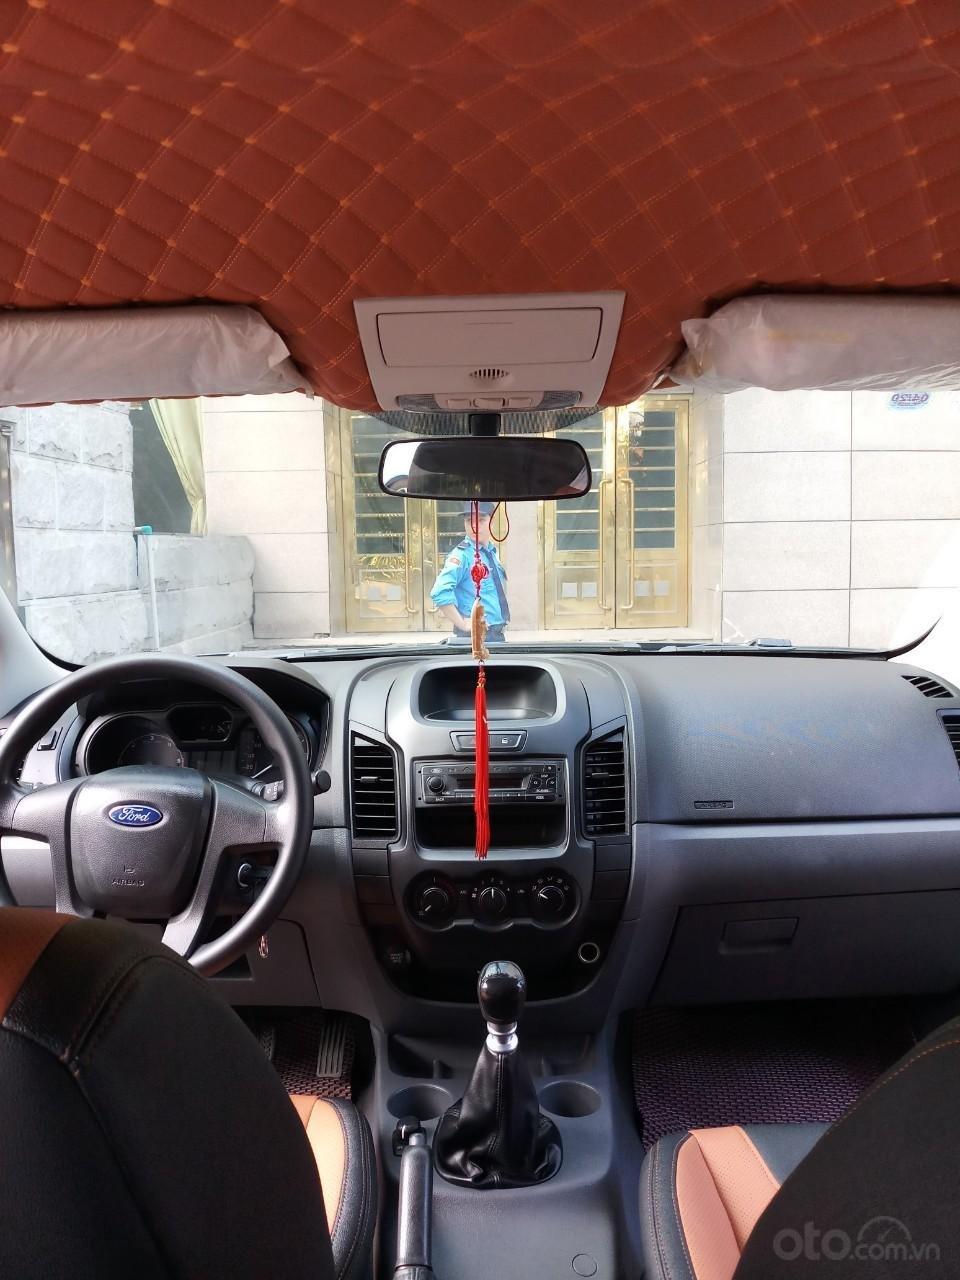 Ô Tô Thủ Đô bán xe Ford Ranger XL 2.2L 4x4 2016, 2 cầu, màu ghi xám 469 triệu-3